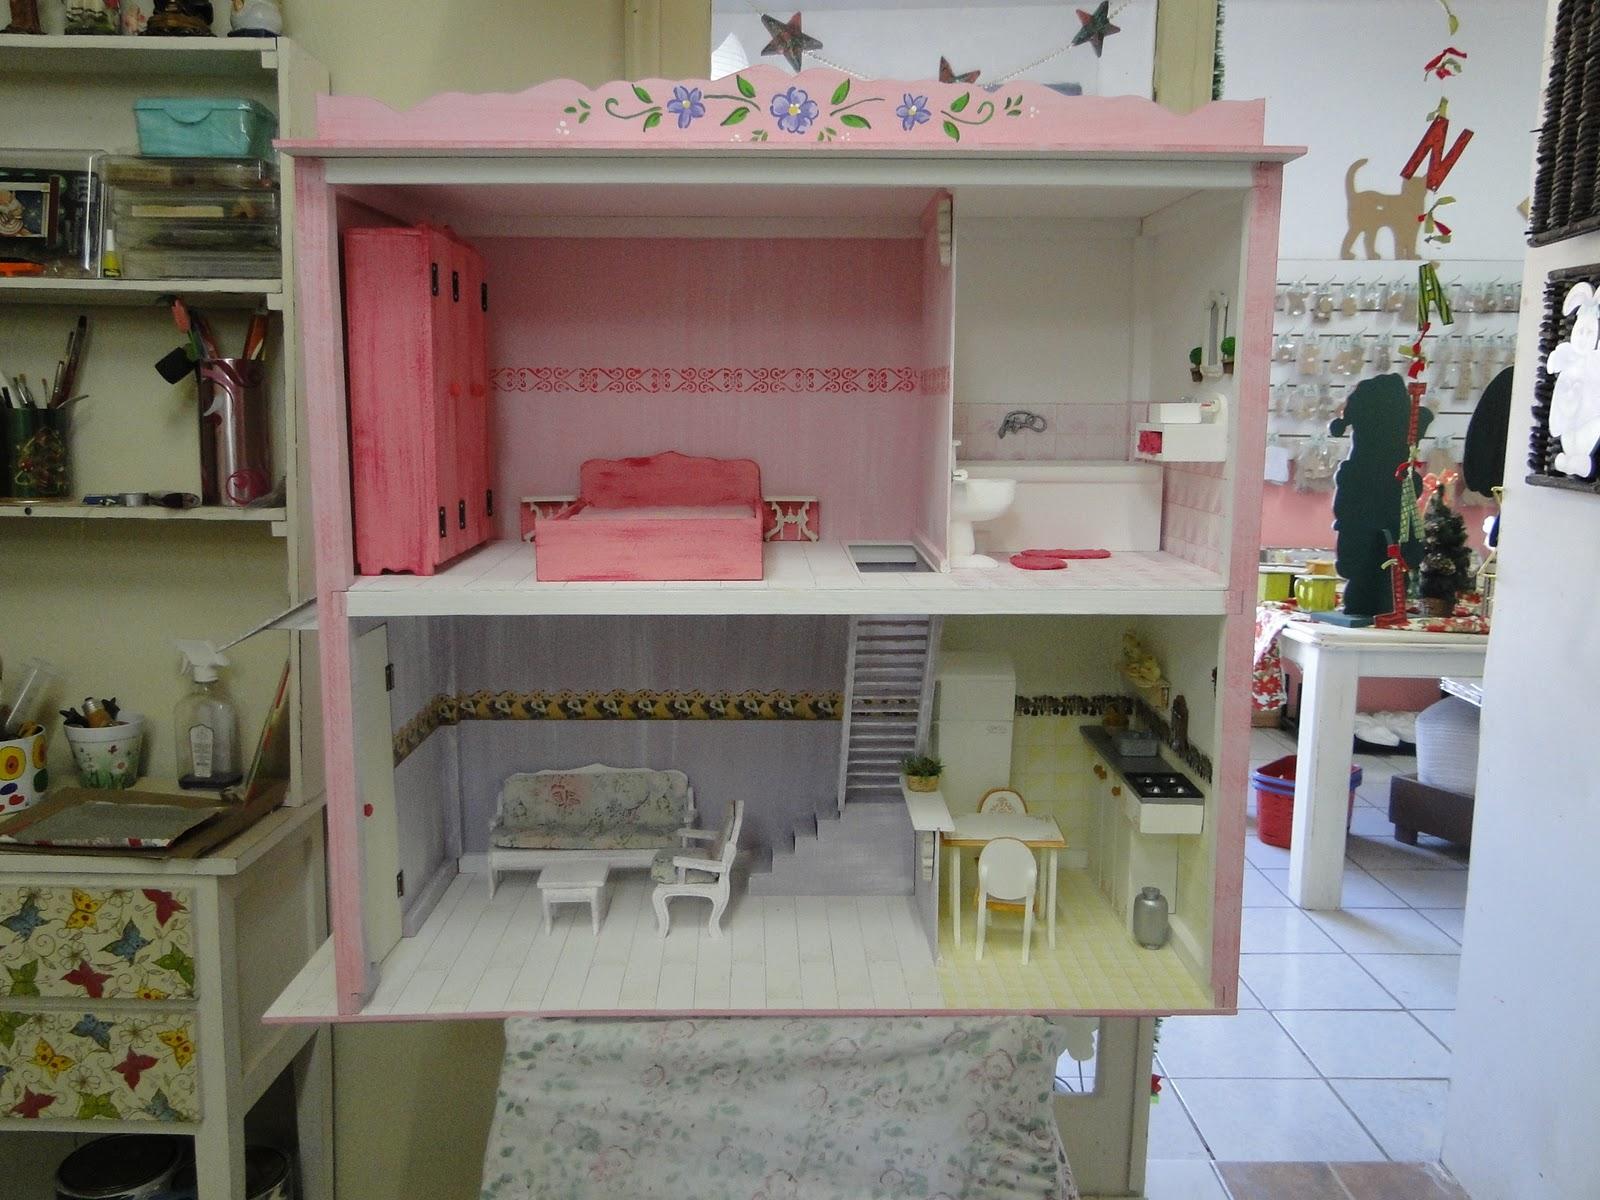 Casas e Casinhas Home Store: Casa de Bonecas Barbie Modelo Grande #71423E 1600x1200 Banheiro Da Barbie Para Comprar